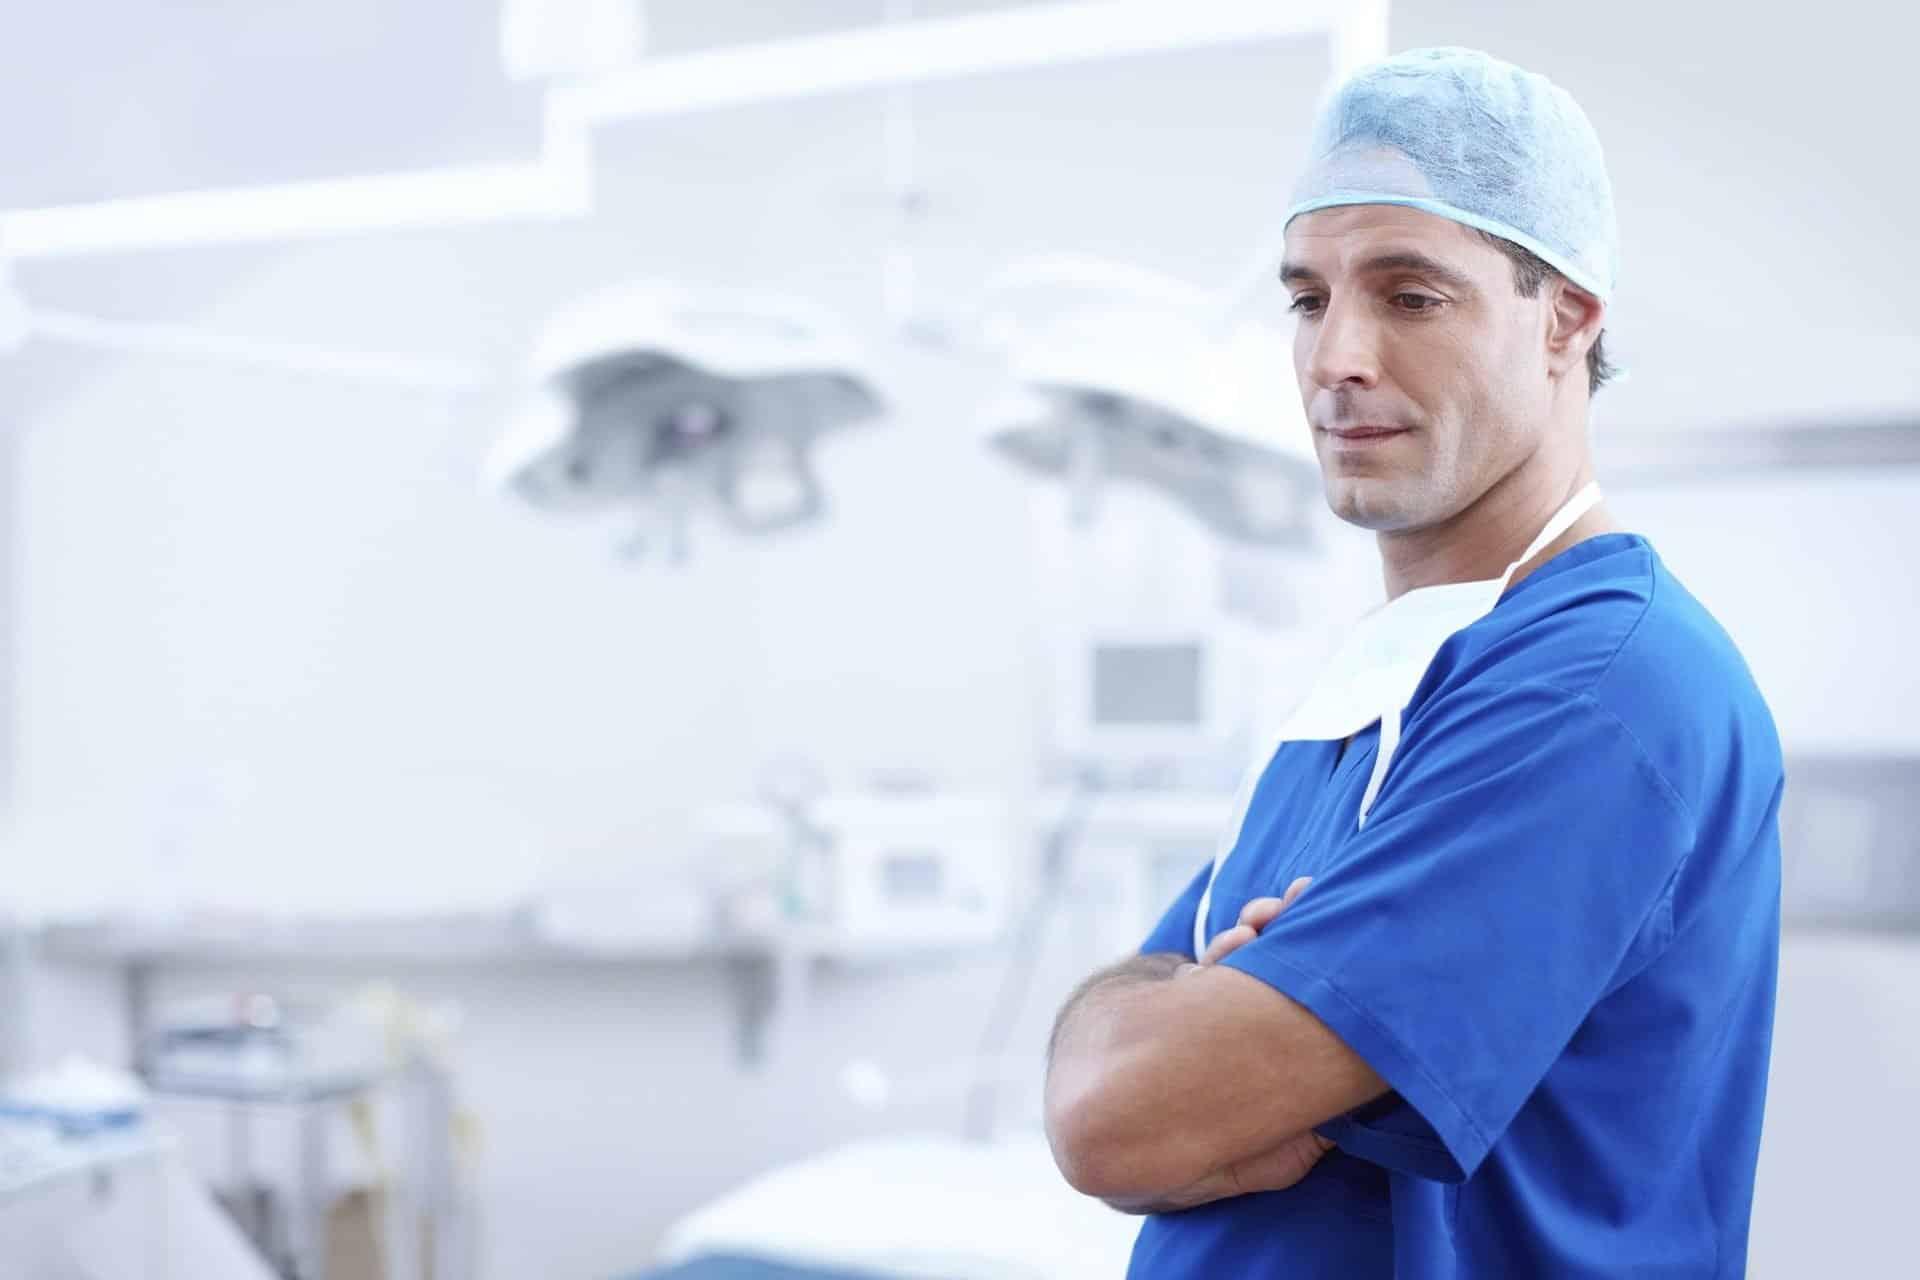 qatar medical